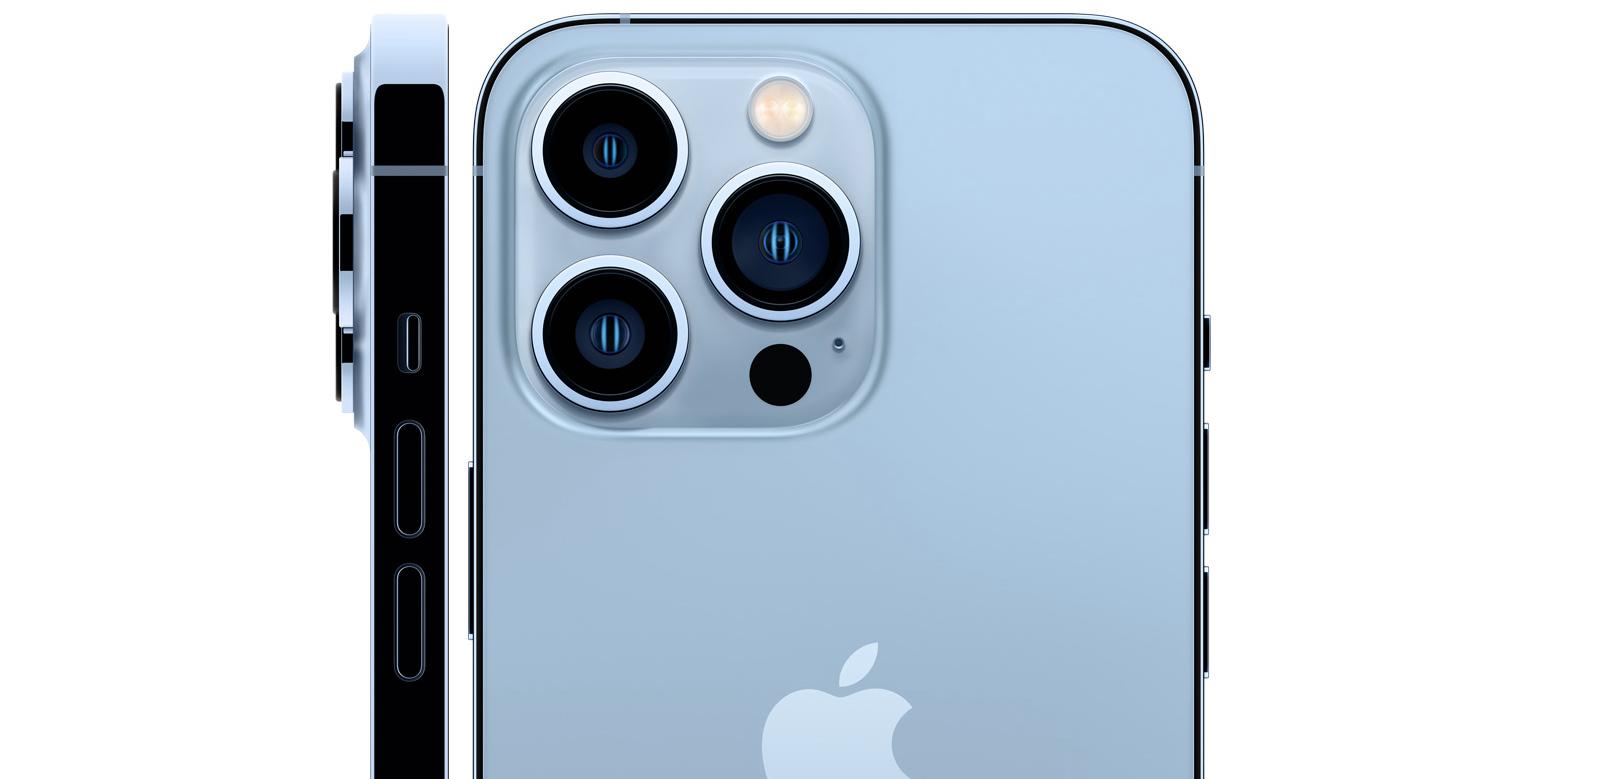 Pontosan mennyire jó az iPhone 13 Pro kamerája?